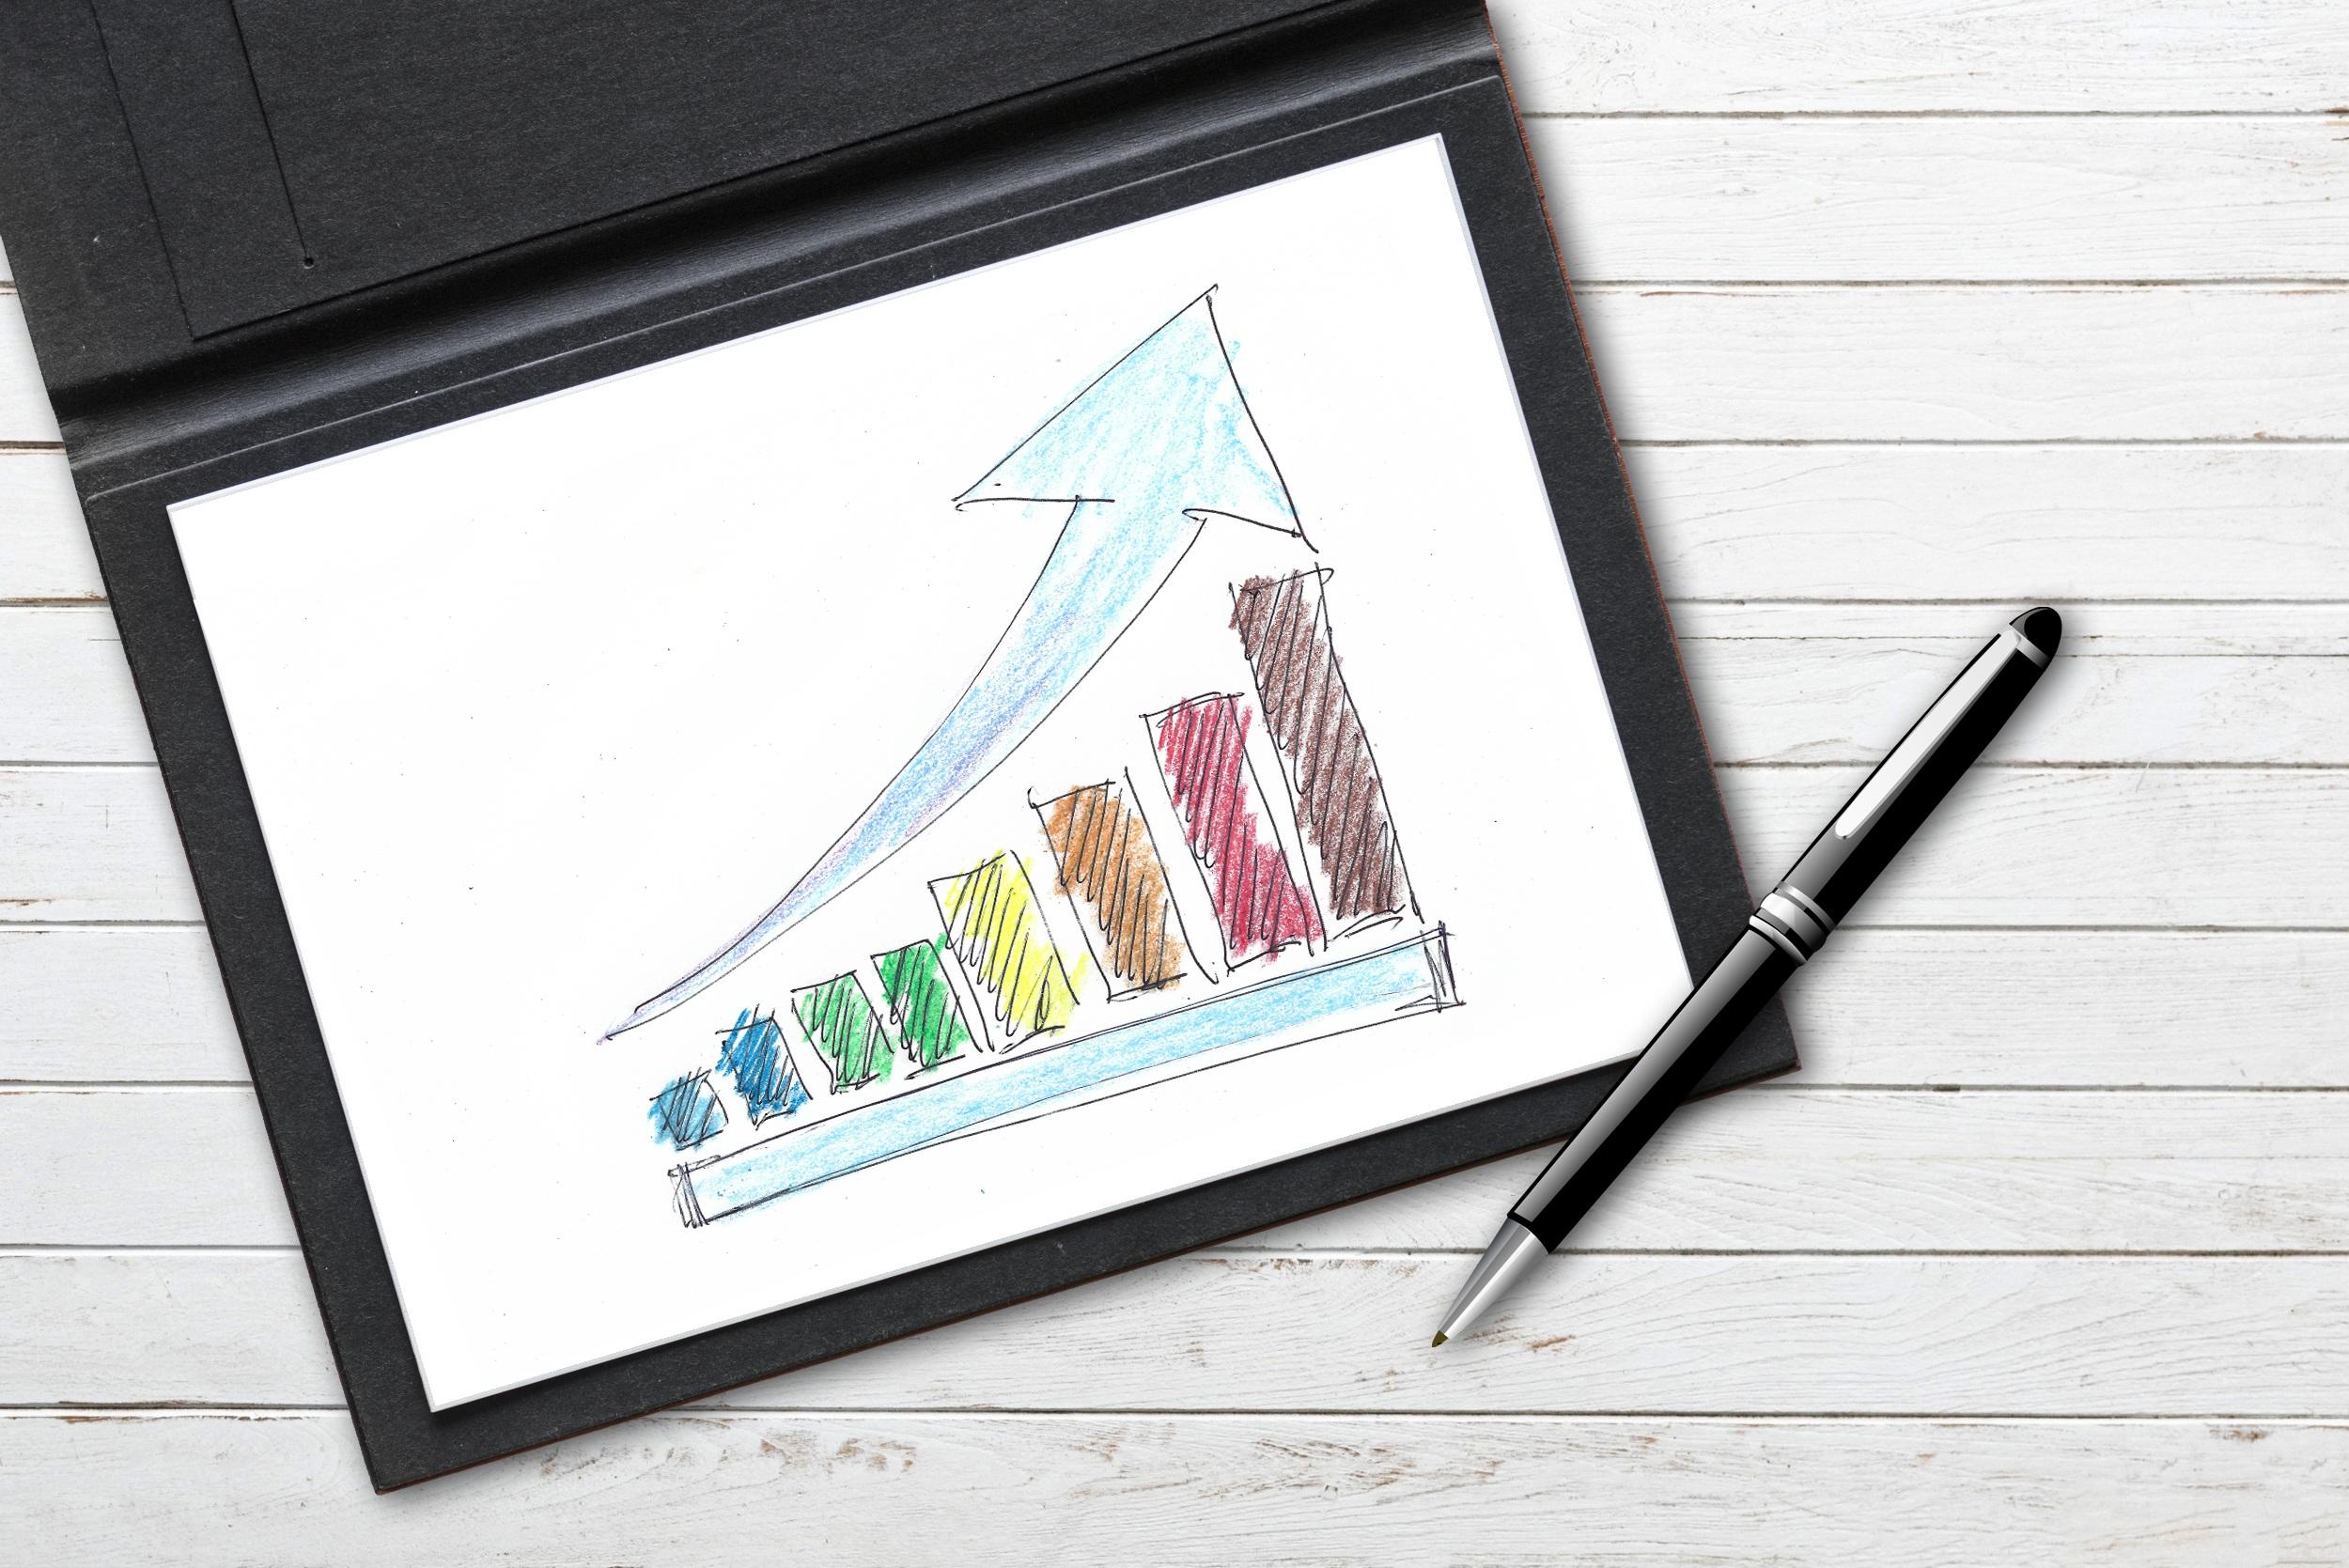 Série: Investindo em Renda Fixa – Parte 2